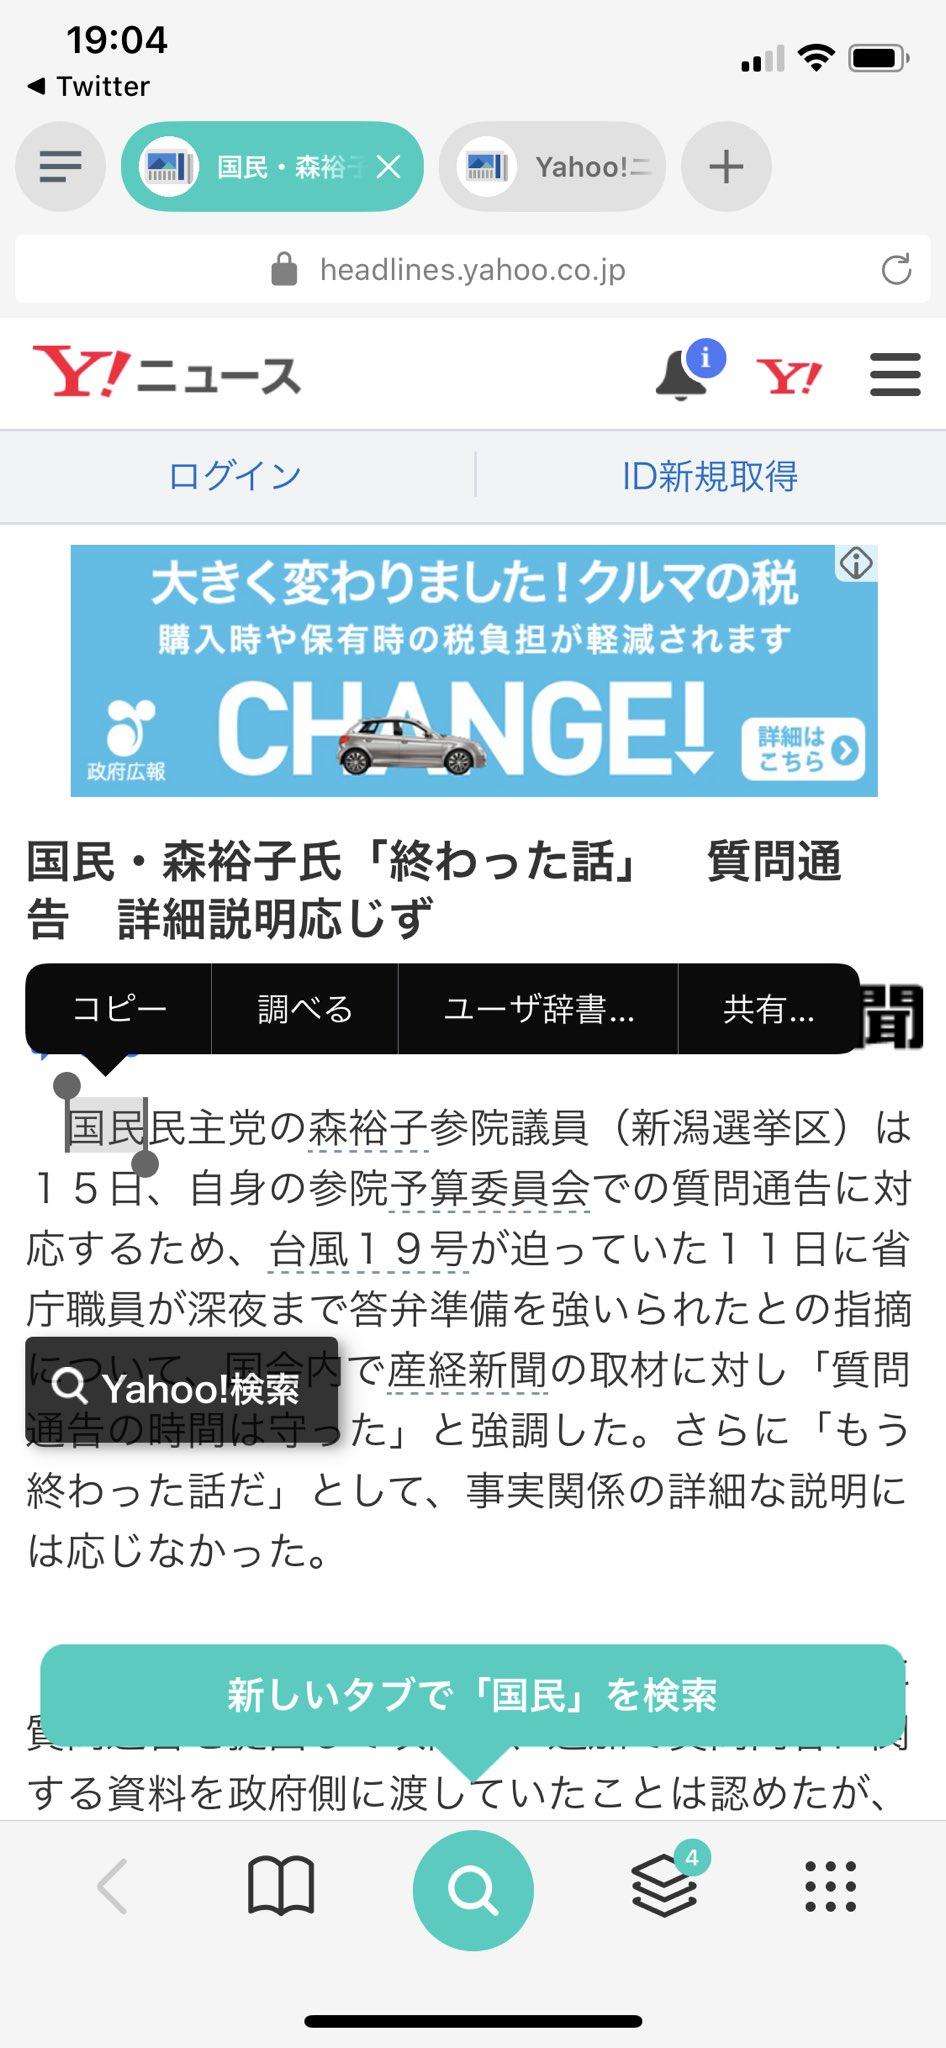 @smoozjapan ありがとうございます! このページですー。「国民」が選択された状態からテキスト選択範囲を広げようとするとなぜか別タブが開いてしまいます。  国民・森裕子氏「終わった話」 質問通告 詳細説明応じず(産経新聞) - Yahoo!ニュース  https://t.co/Y1JfjGL3nP https://t.co/XFfukvdtit